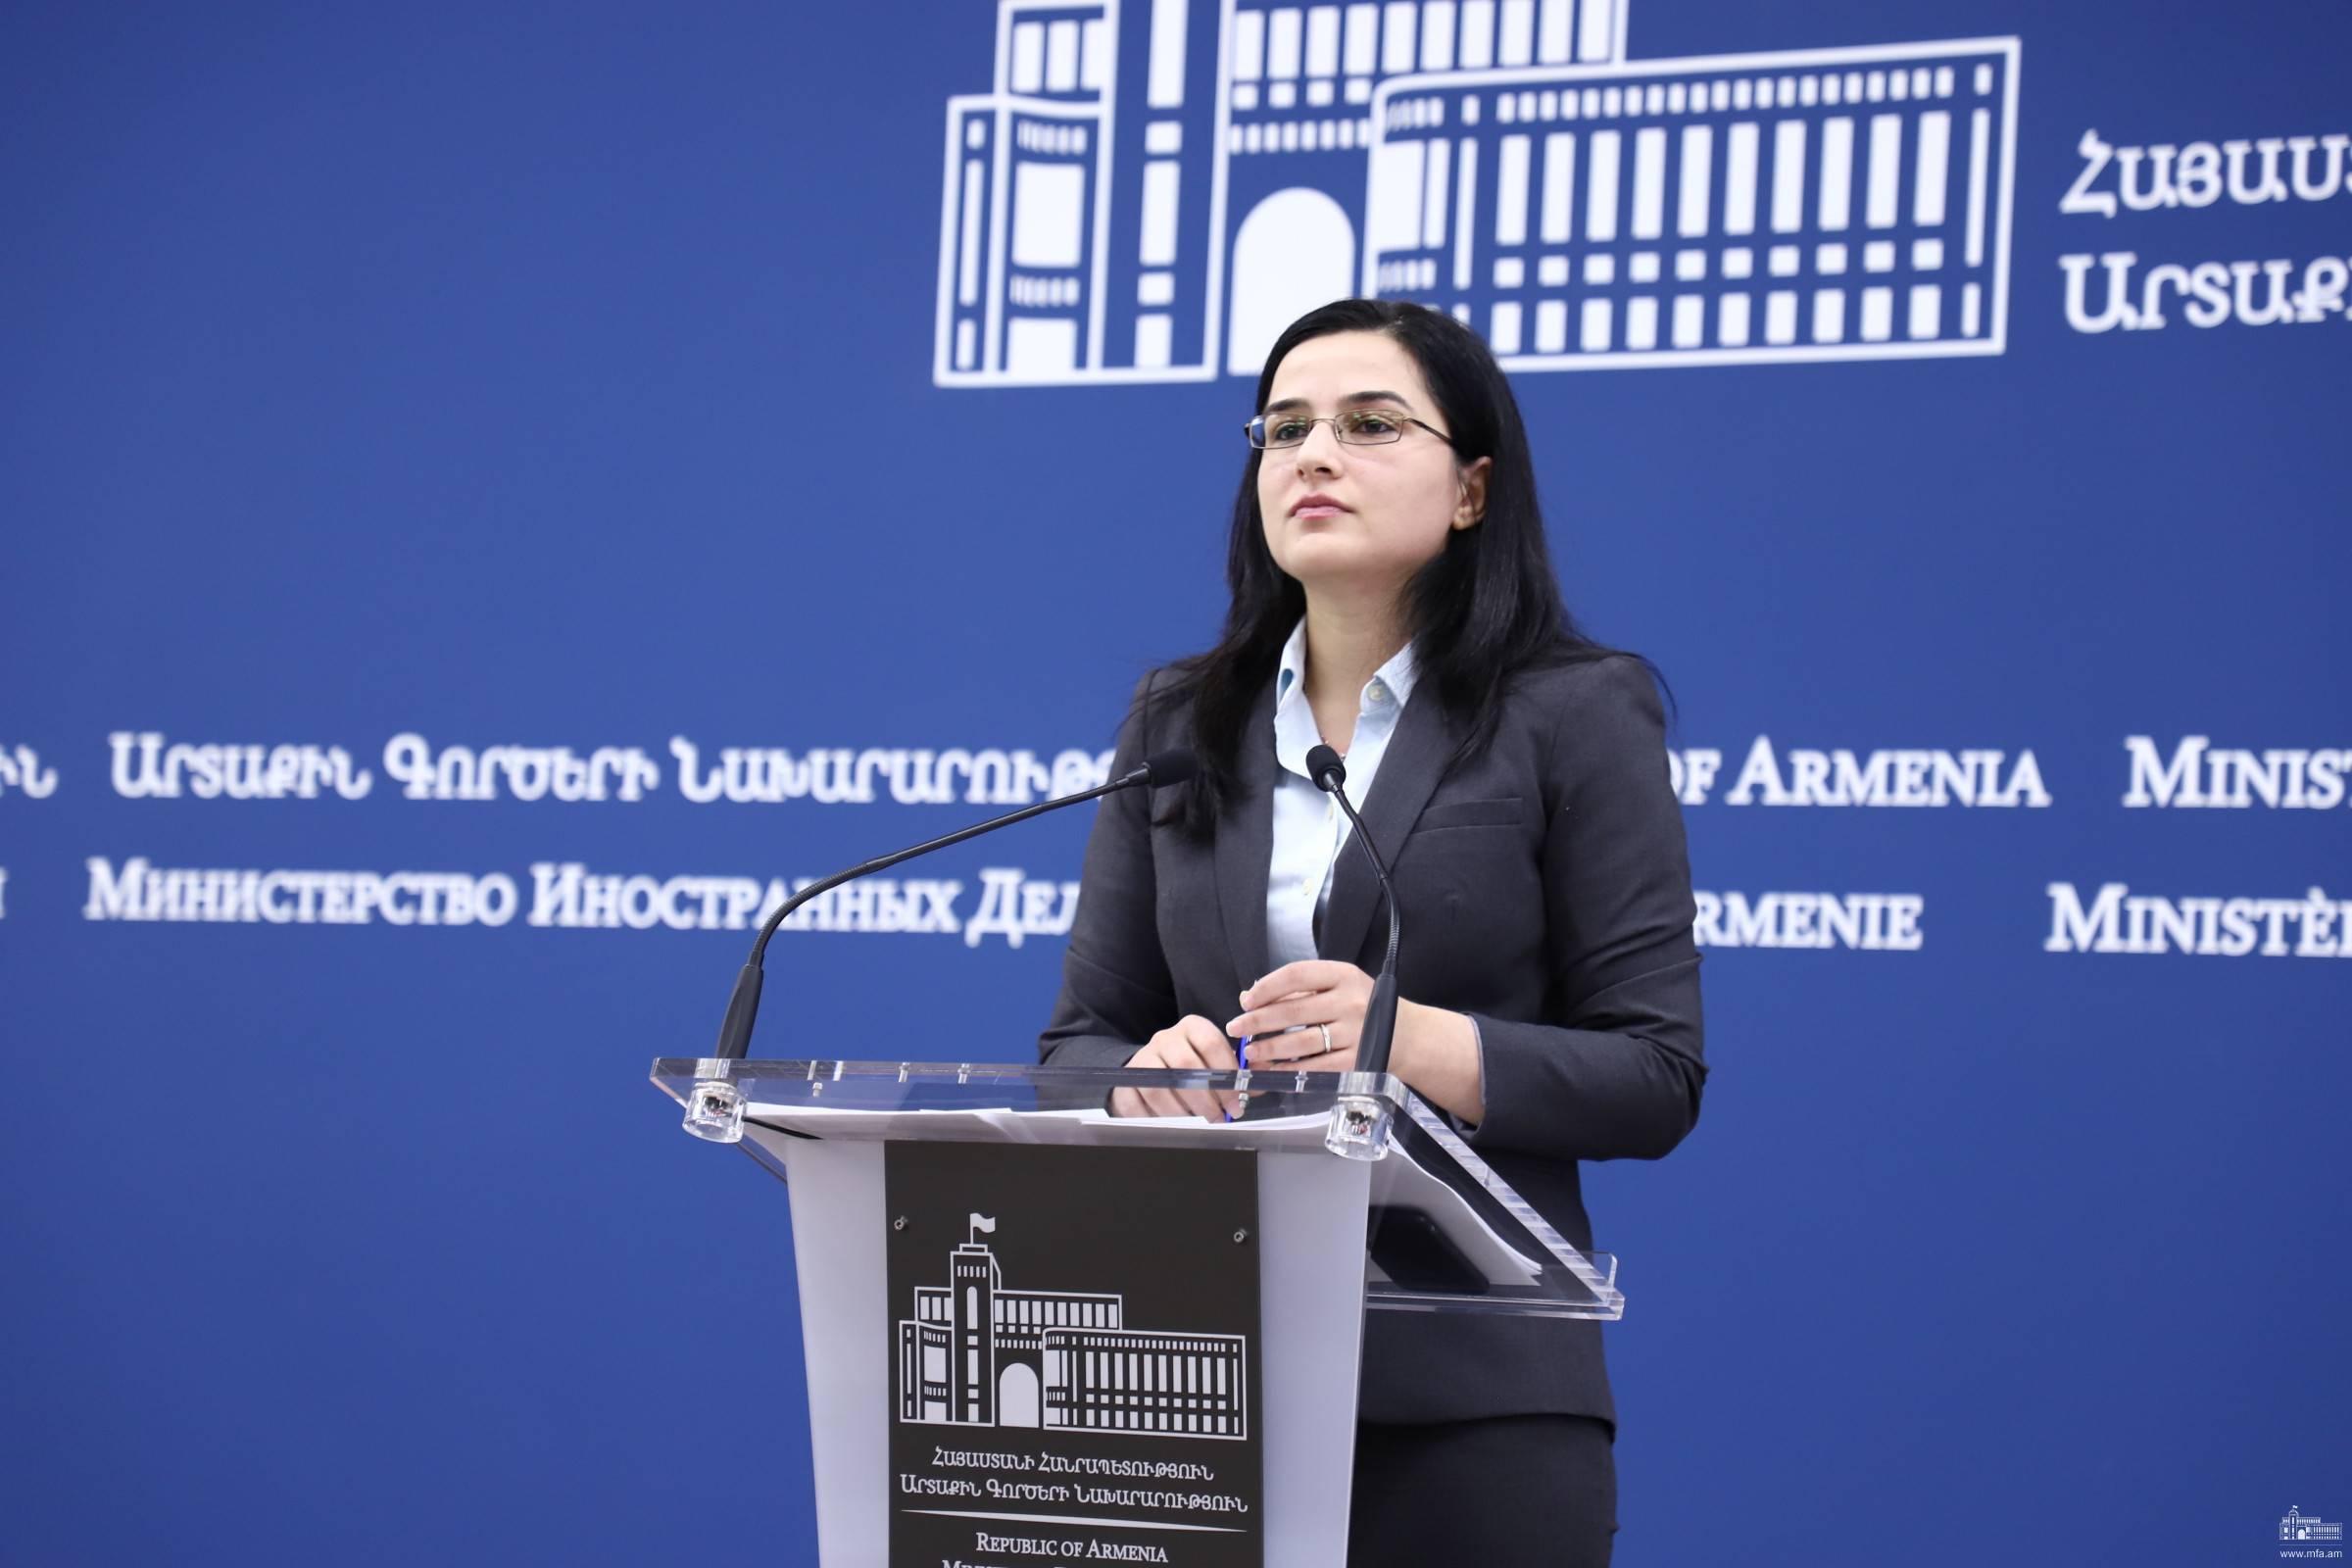 Ответ Пресс-секретаря МИД Армении на вопрос относительно выступления Президента Азербайджана на мероприятии, посвященном 70-летию города Сумгаит